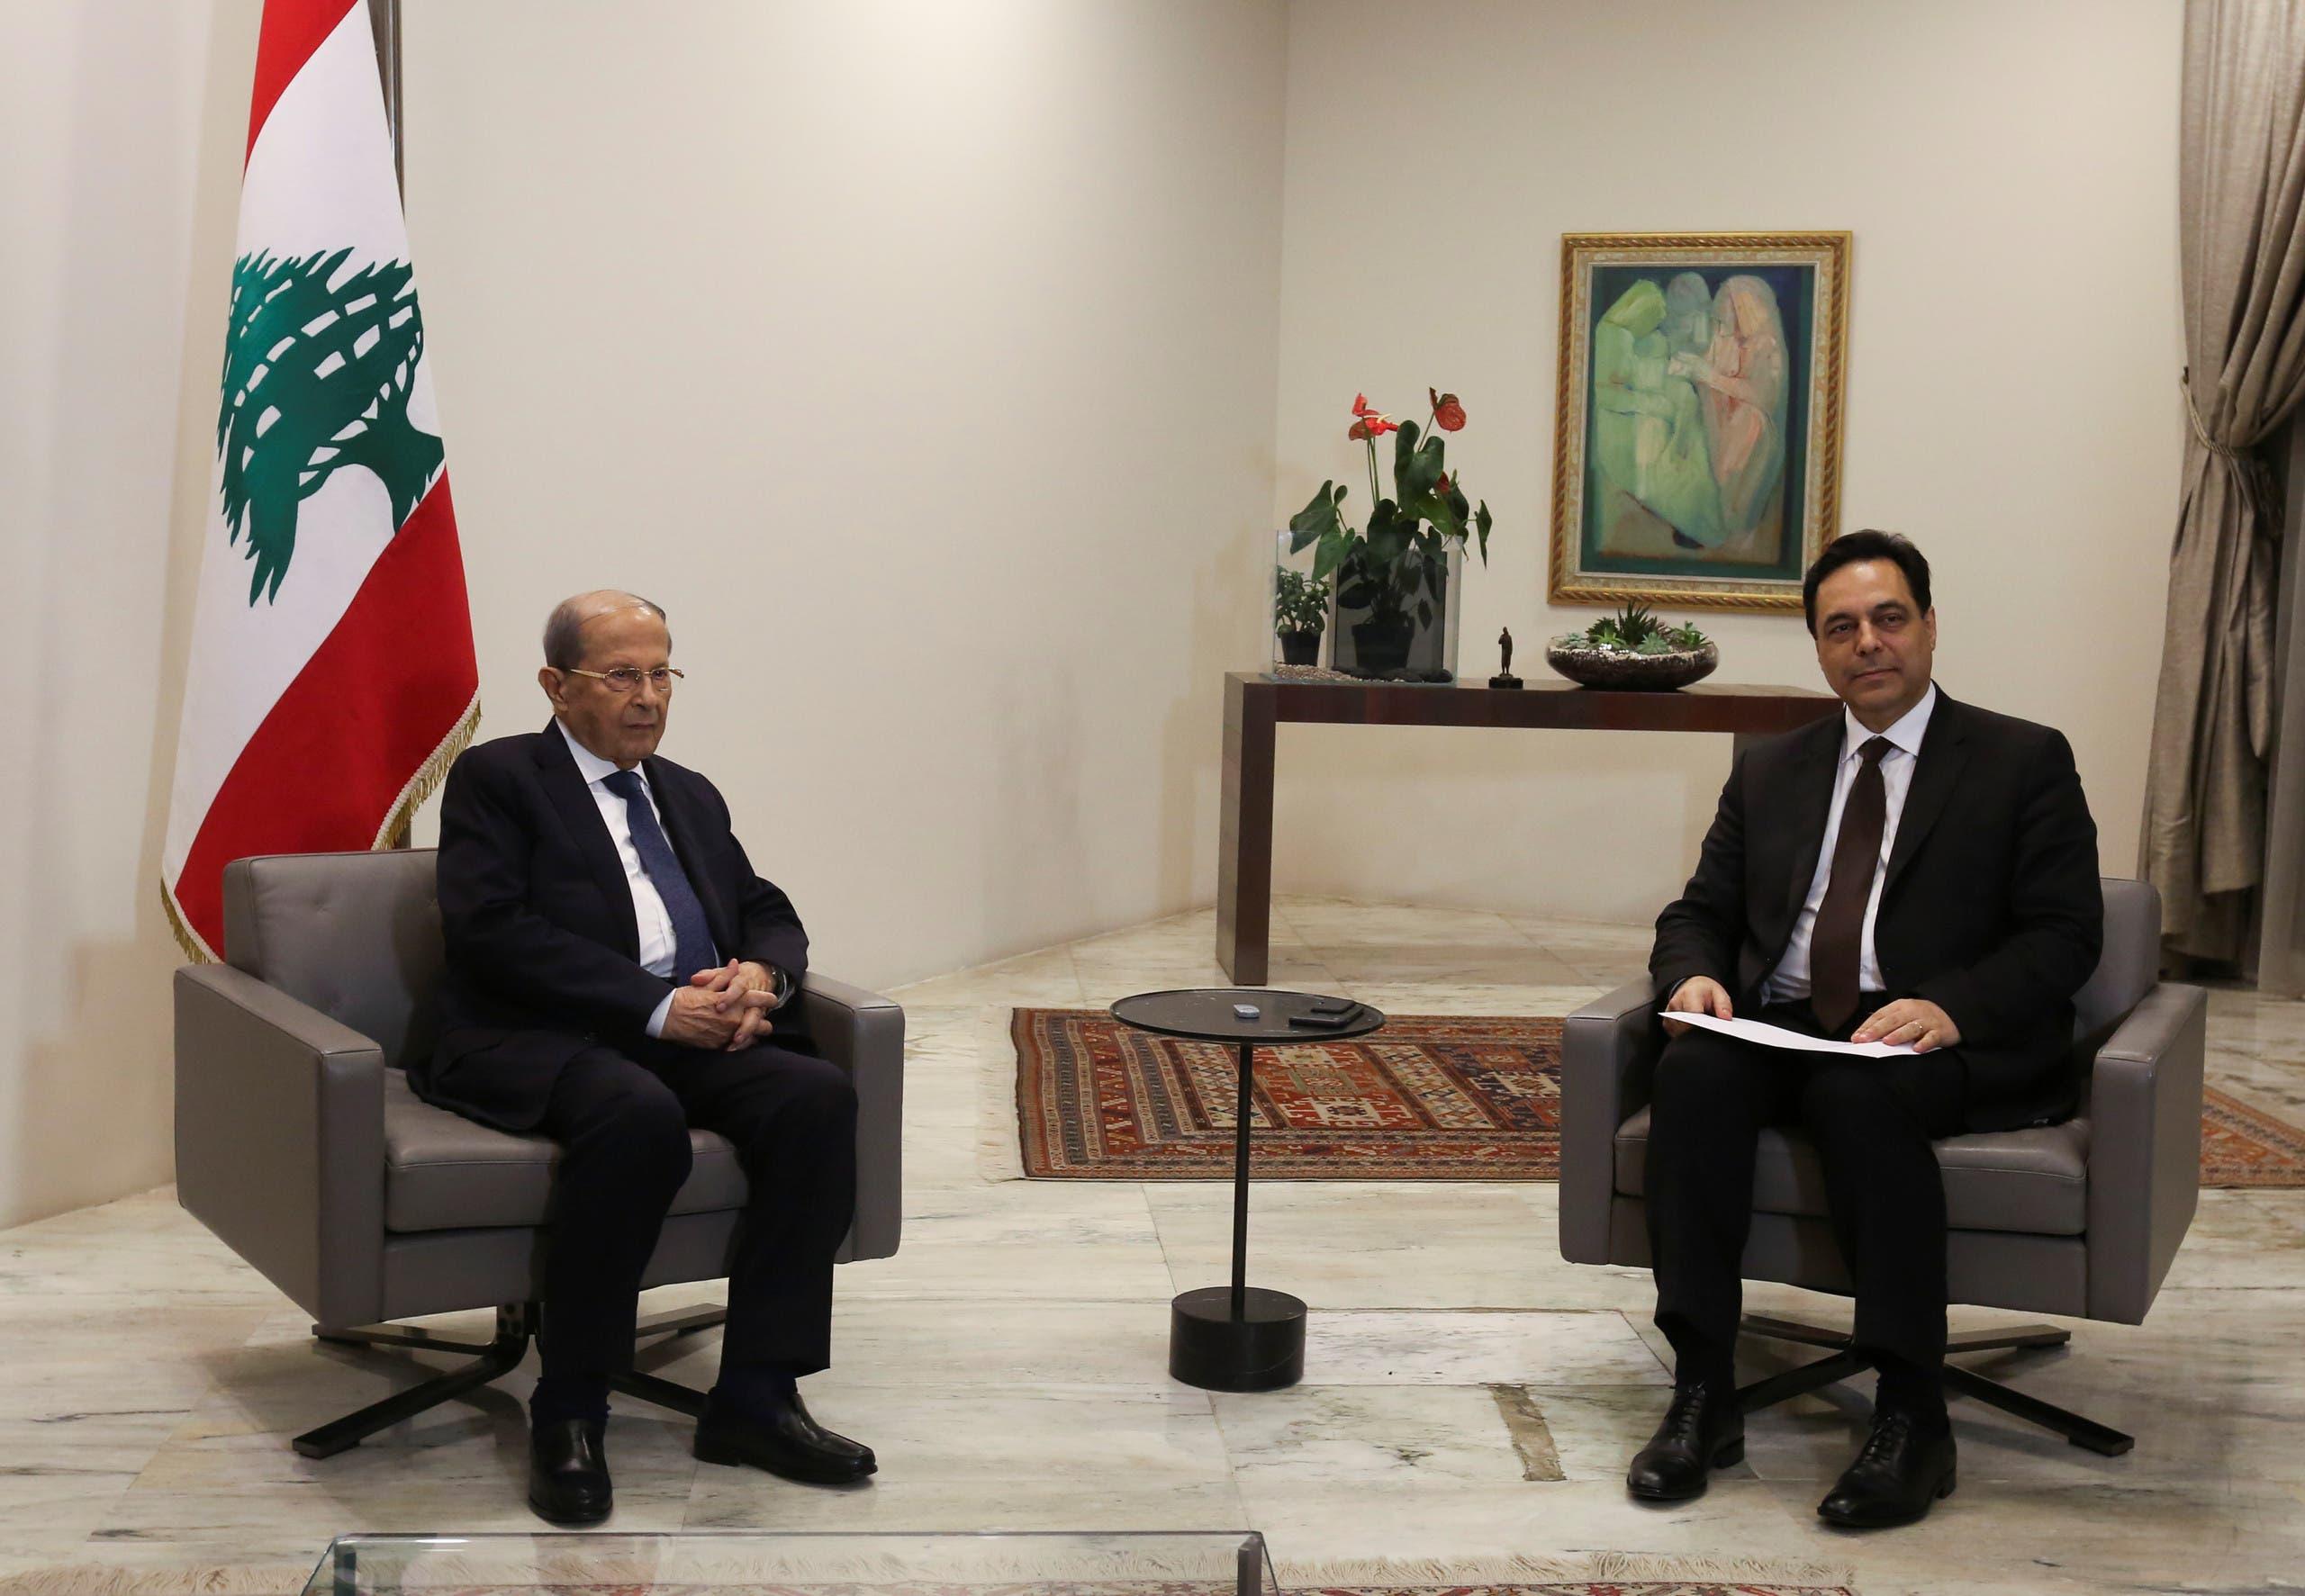 حسان دياب يتقدم باستقالة الحكومة لعون